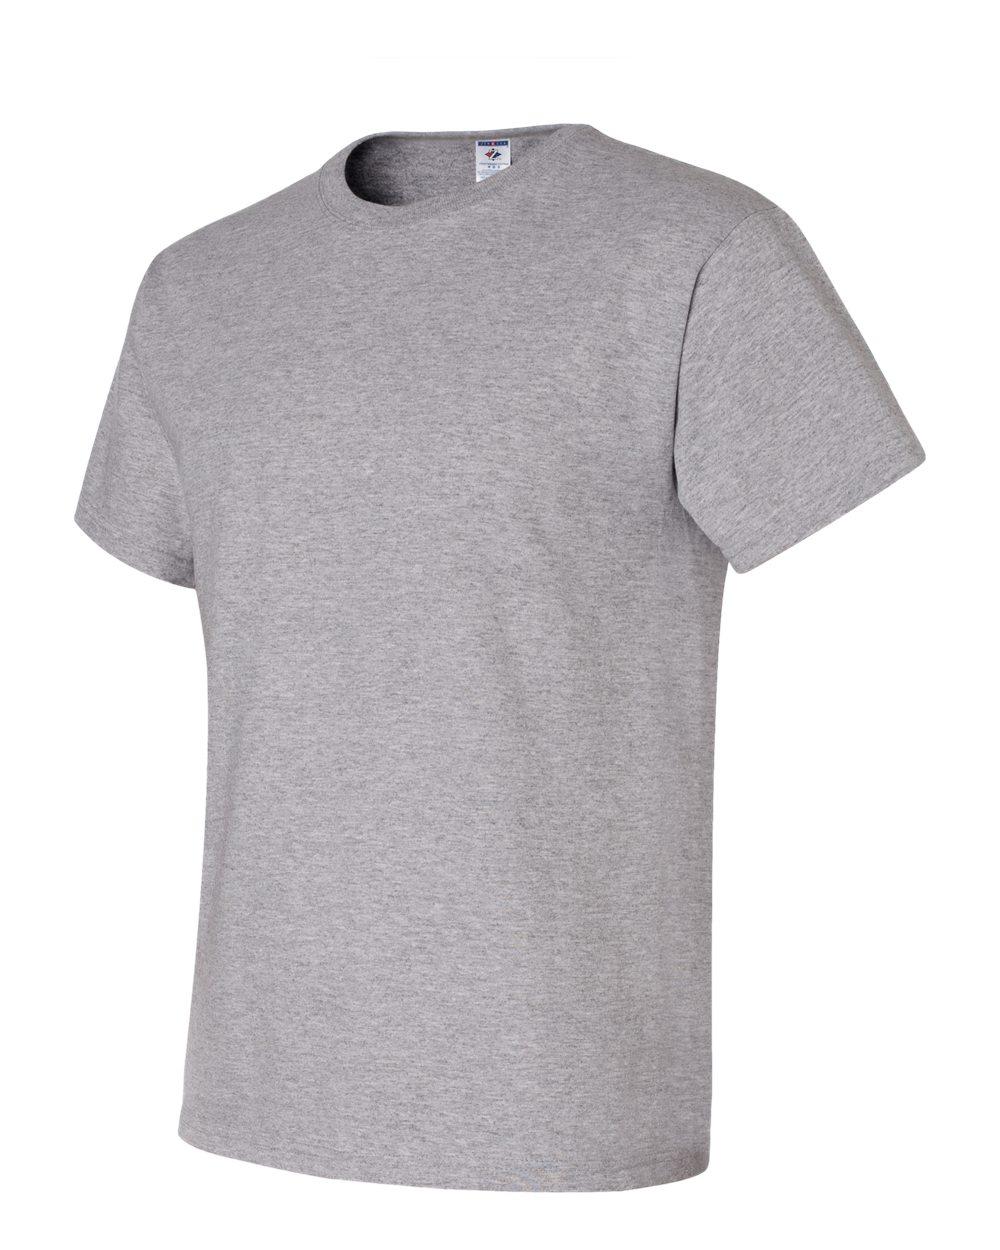 Jerzees 363MR - HiDENSI-T T-Shirt